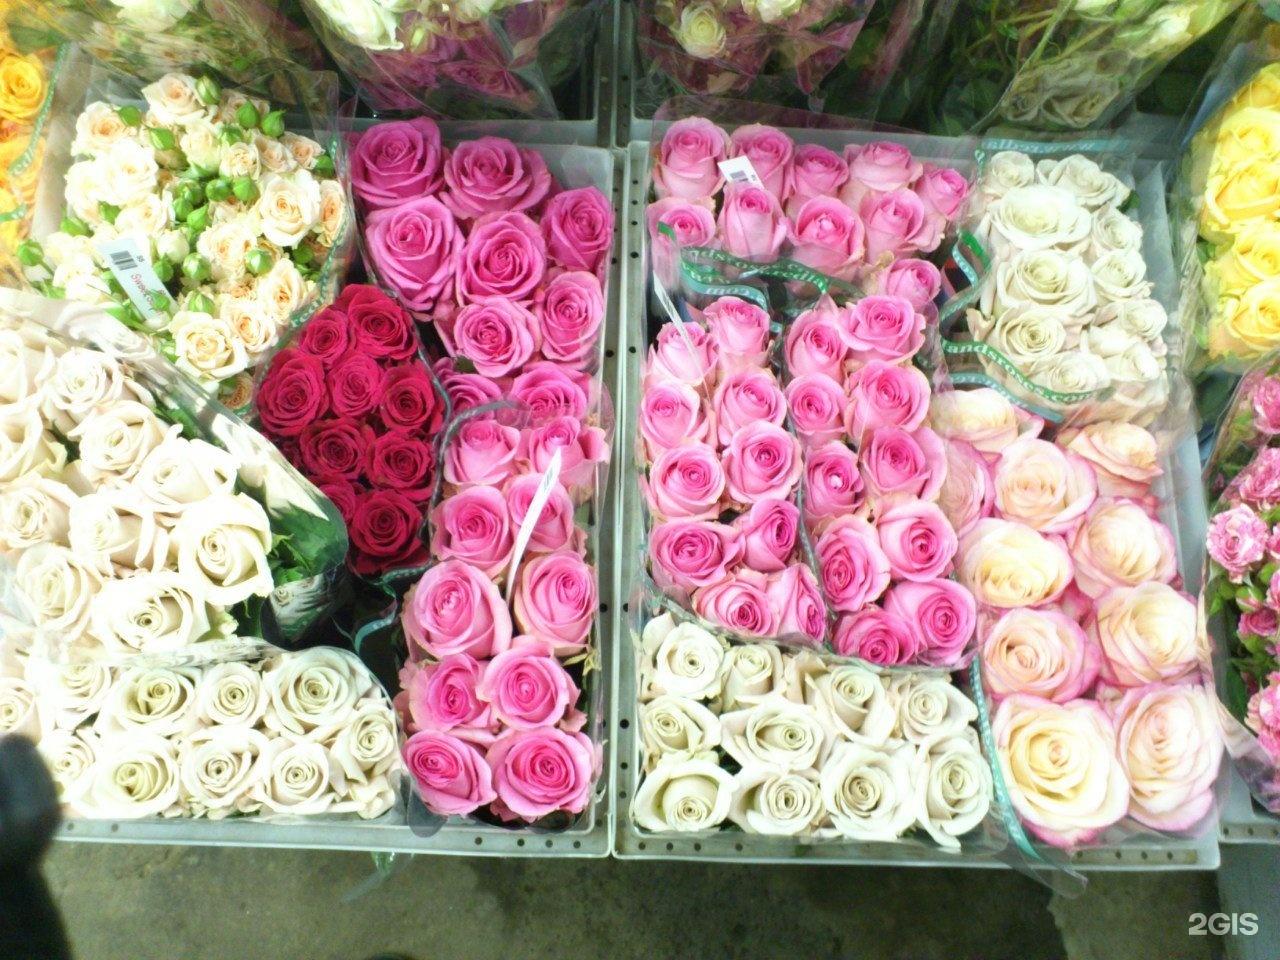 Цветов, где купить оптом цветы барнаул